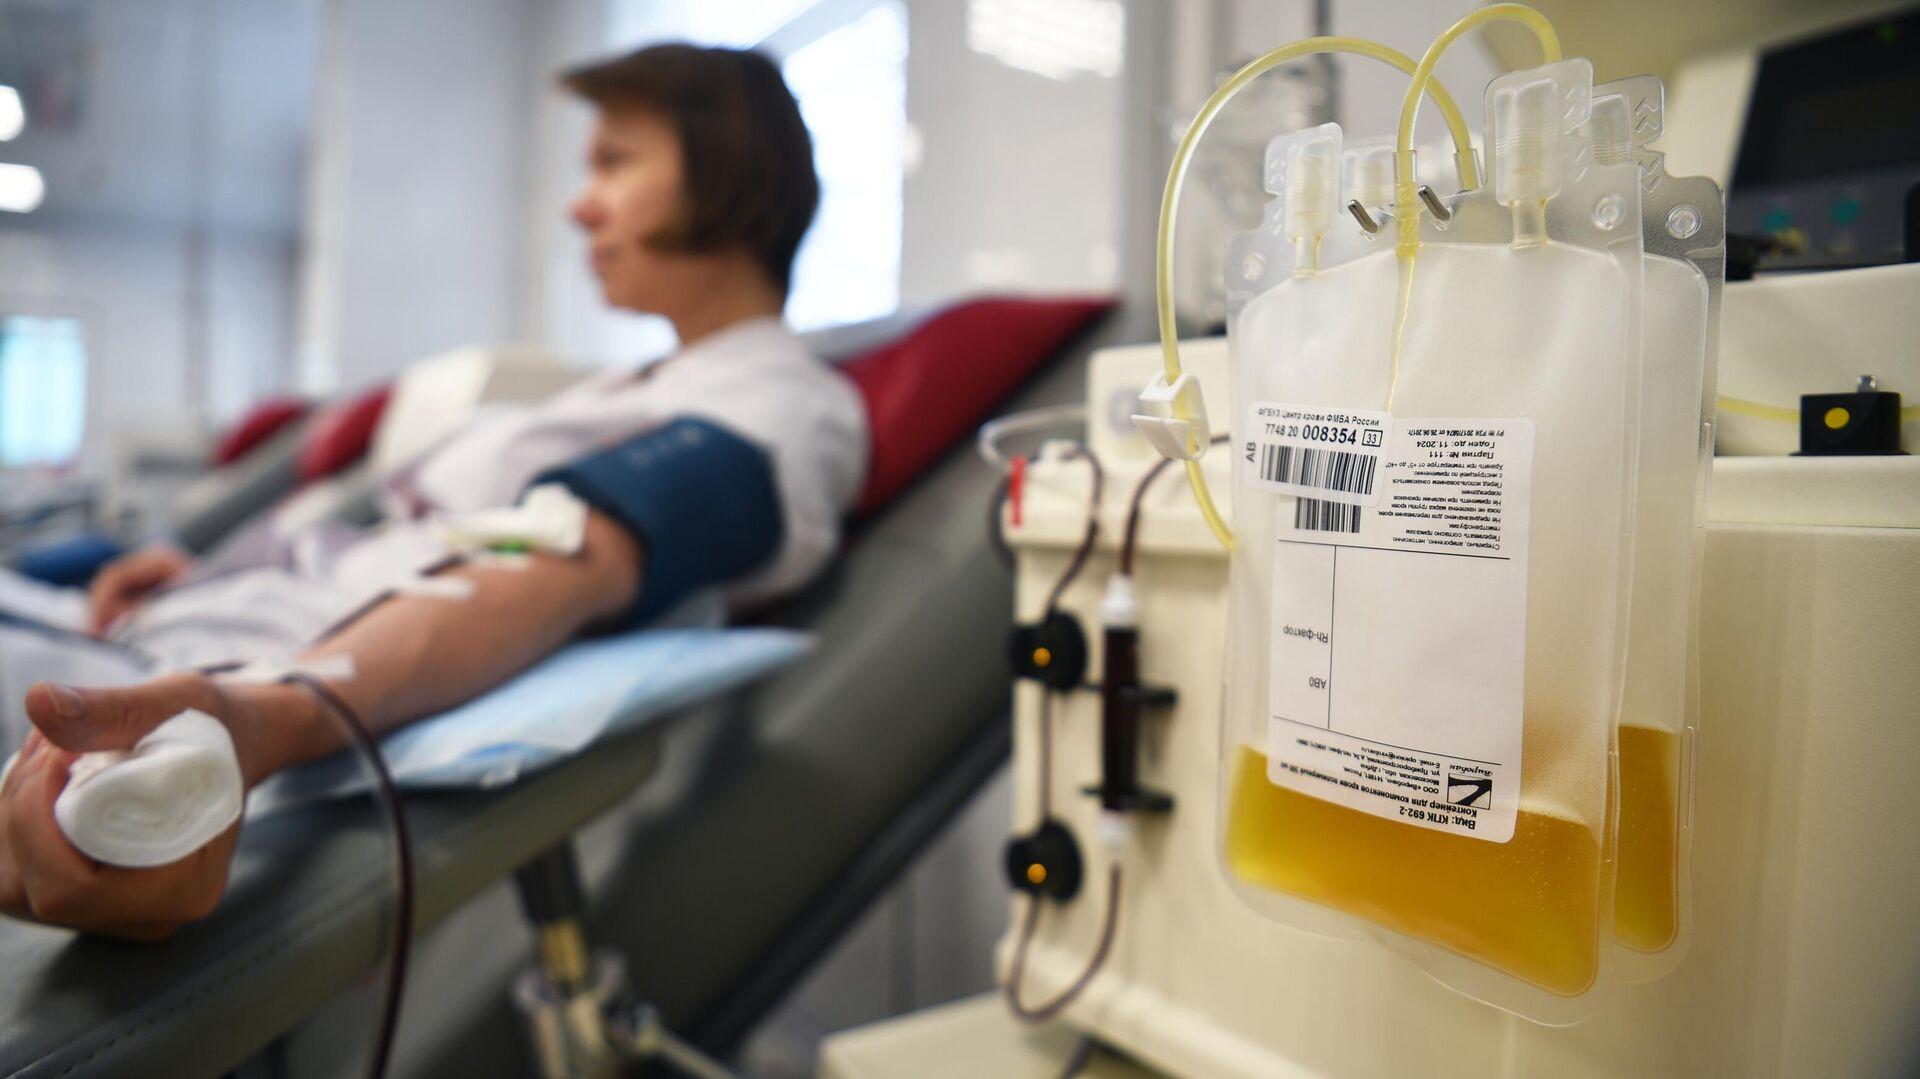 Пакет с плазмой в процедурном отделении Центра крови ФМБА в Москве - РИА Новости, 1920, 11.02.2021